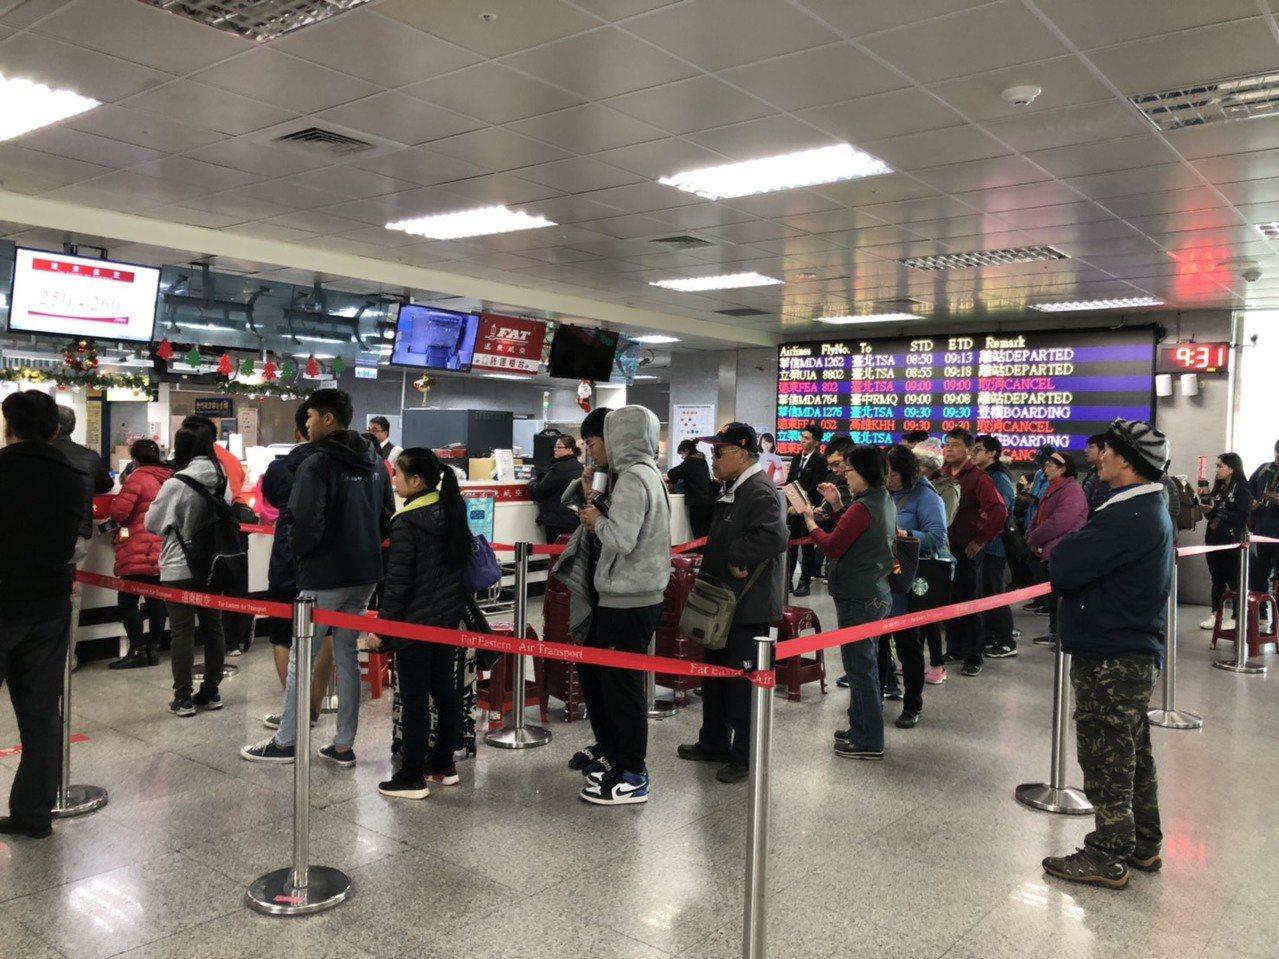 遠東航空公司昨日無預警宣布因資金籌措困難而停飛,造成連日來,金門機場擠滿排隊等候...